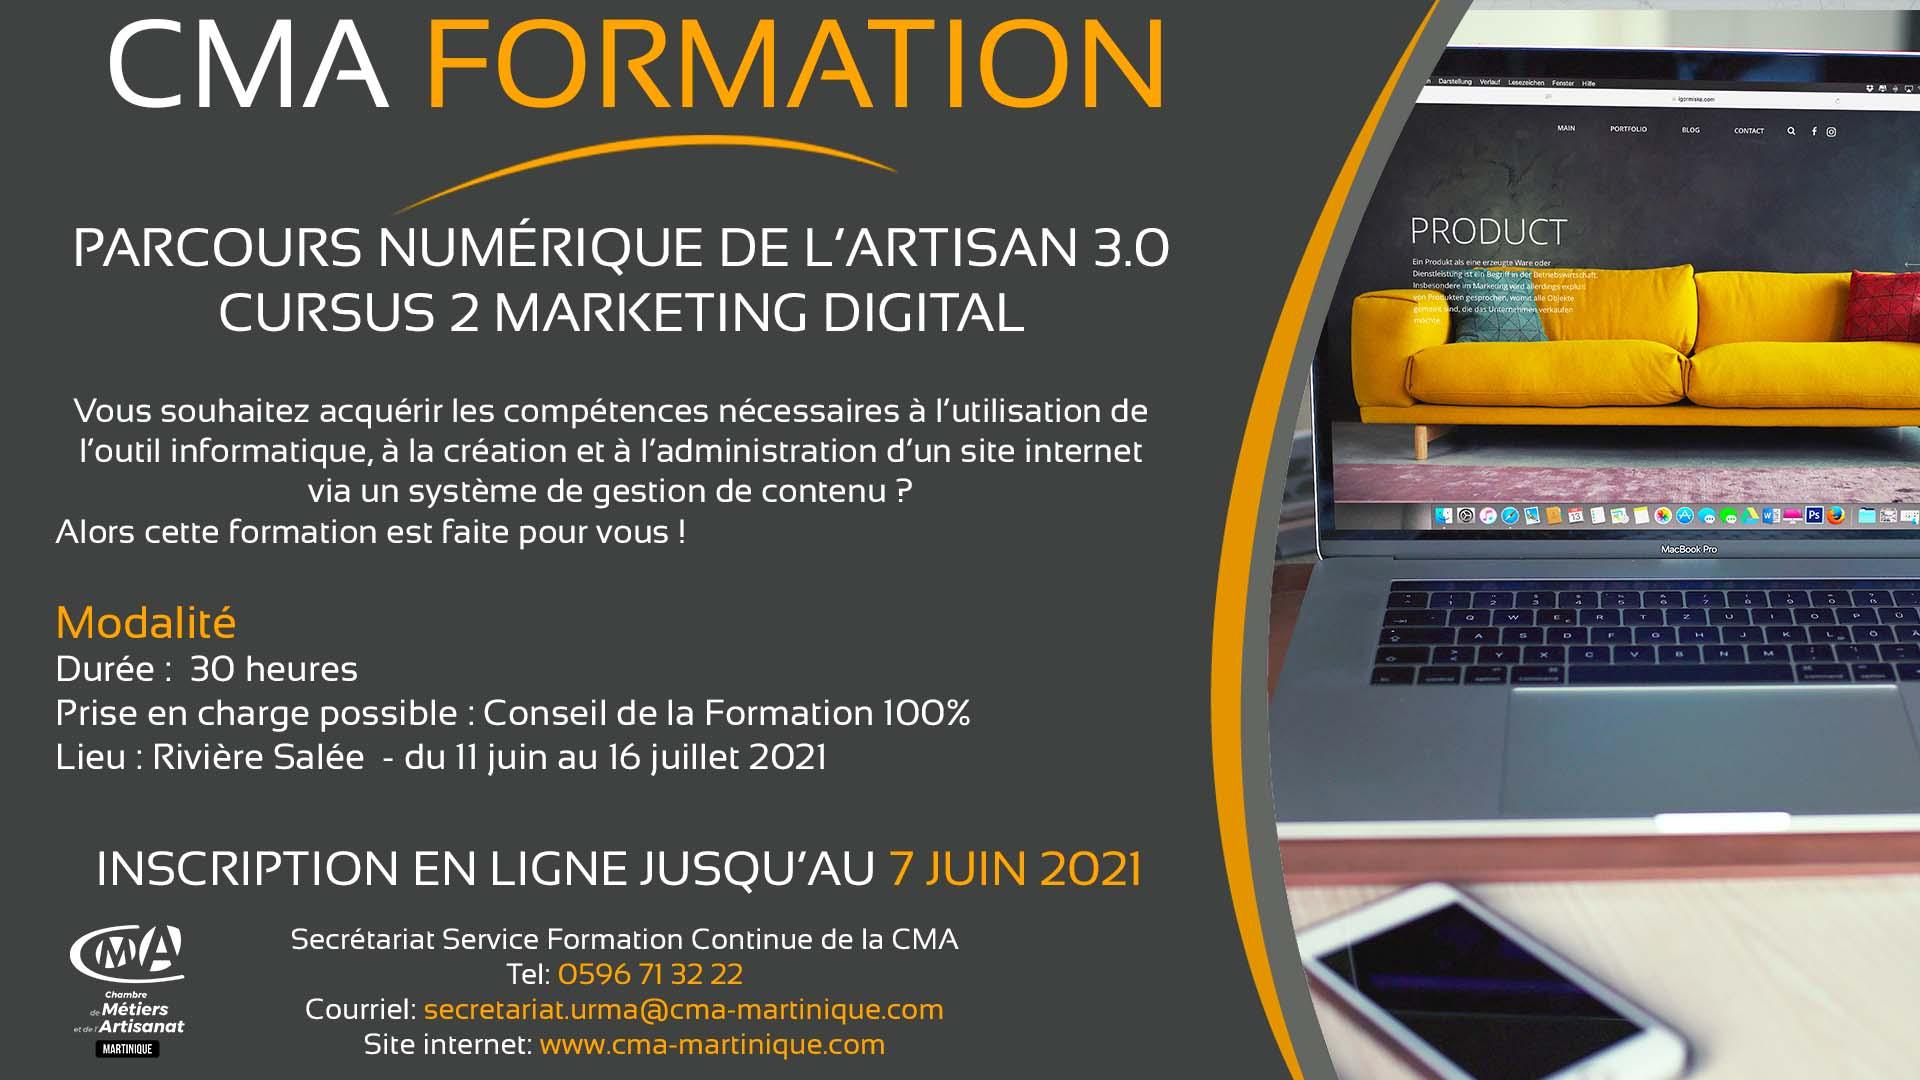 CMA Martinique digital marketing v2